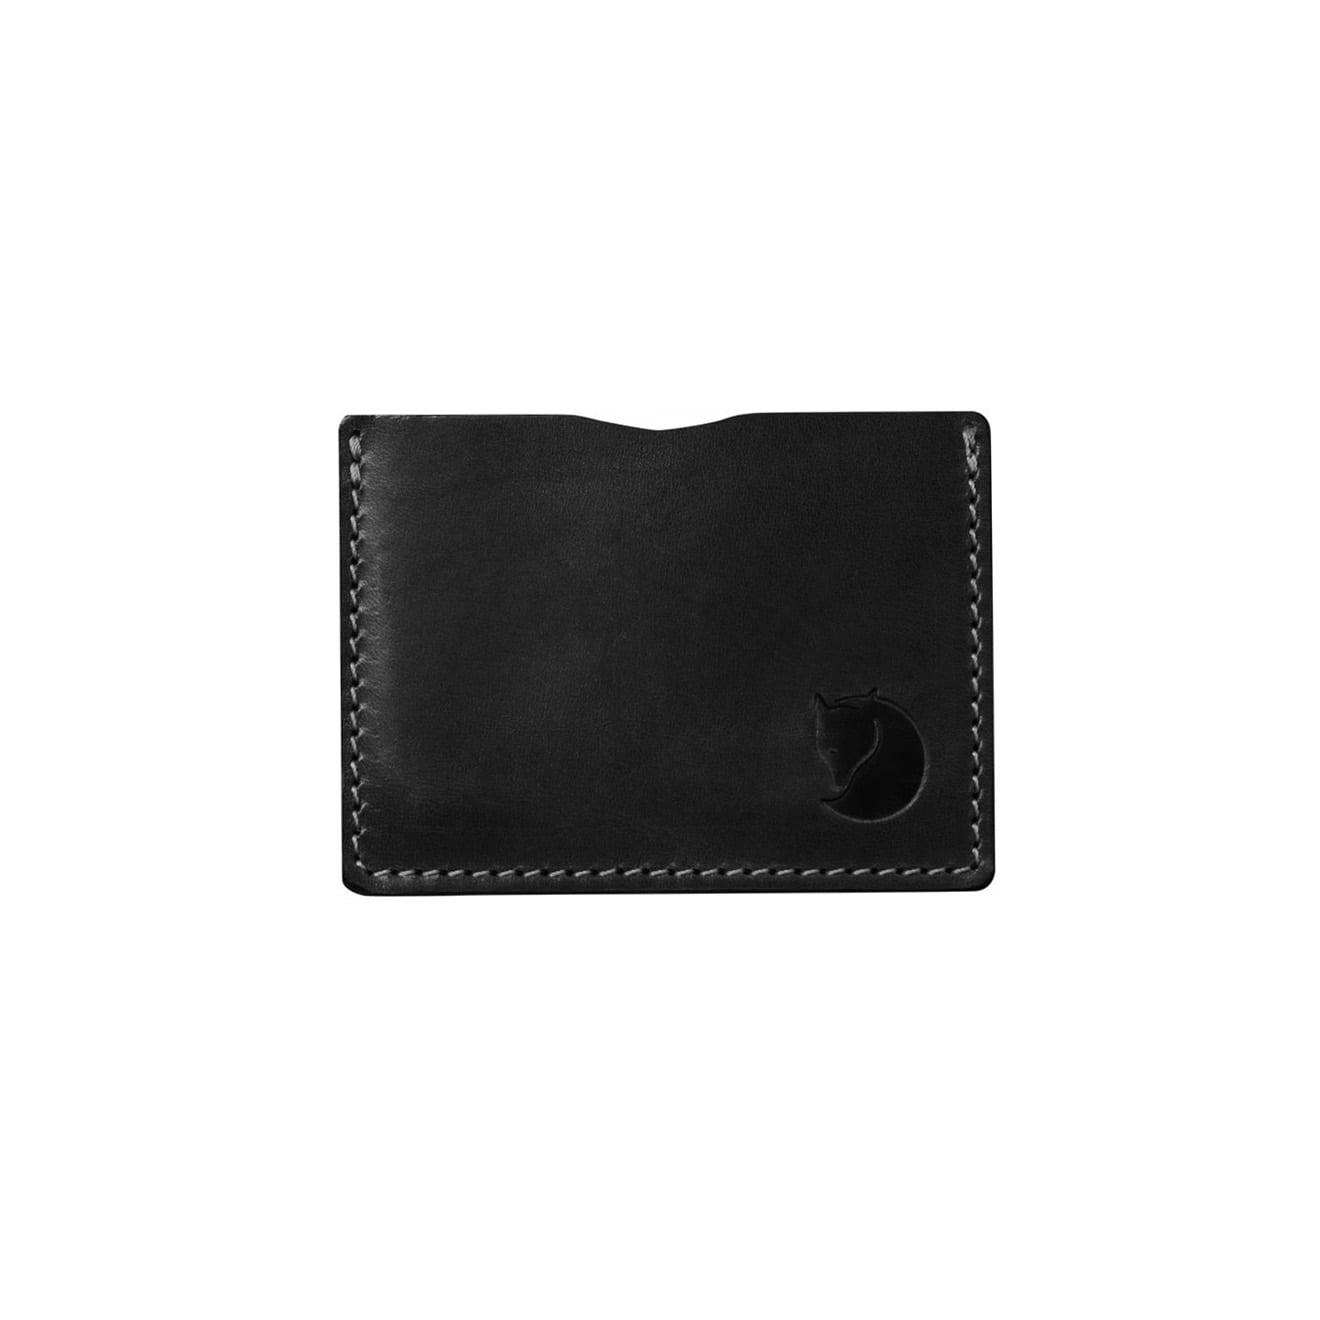 Fjallraven Ovik Card Holder Black